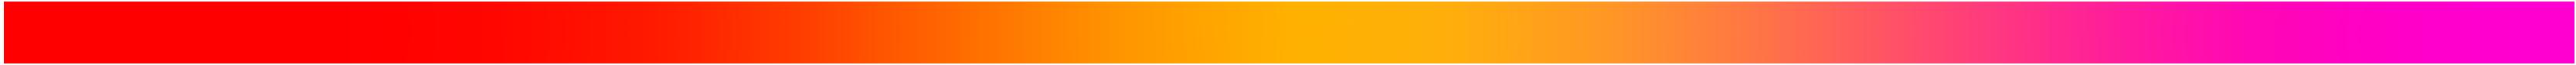 触达,破界,连接——探索影像艺术无边疆界 艺术 影像 触达 疆界 画廊 名单 AIKE 上海 艾米 李画廊 崇真艺客